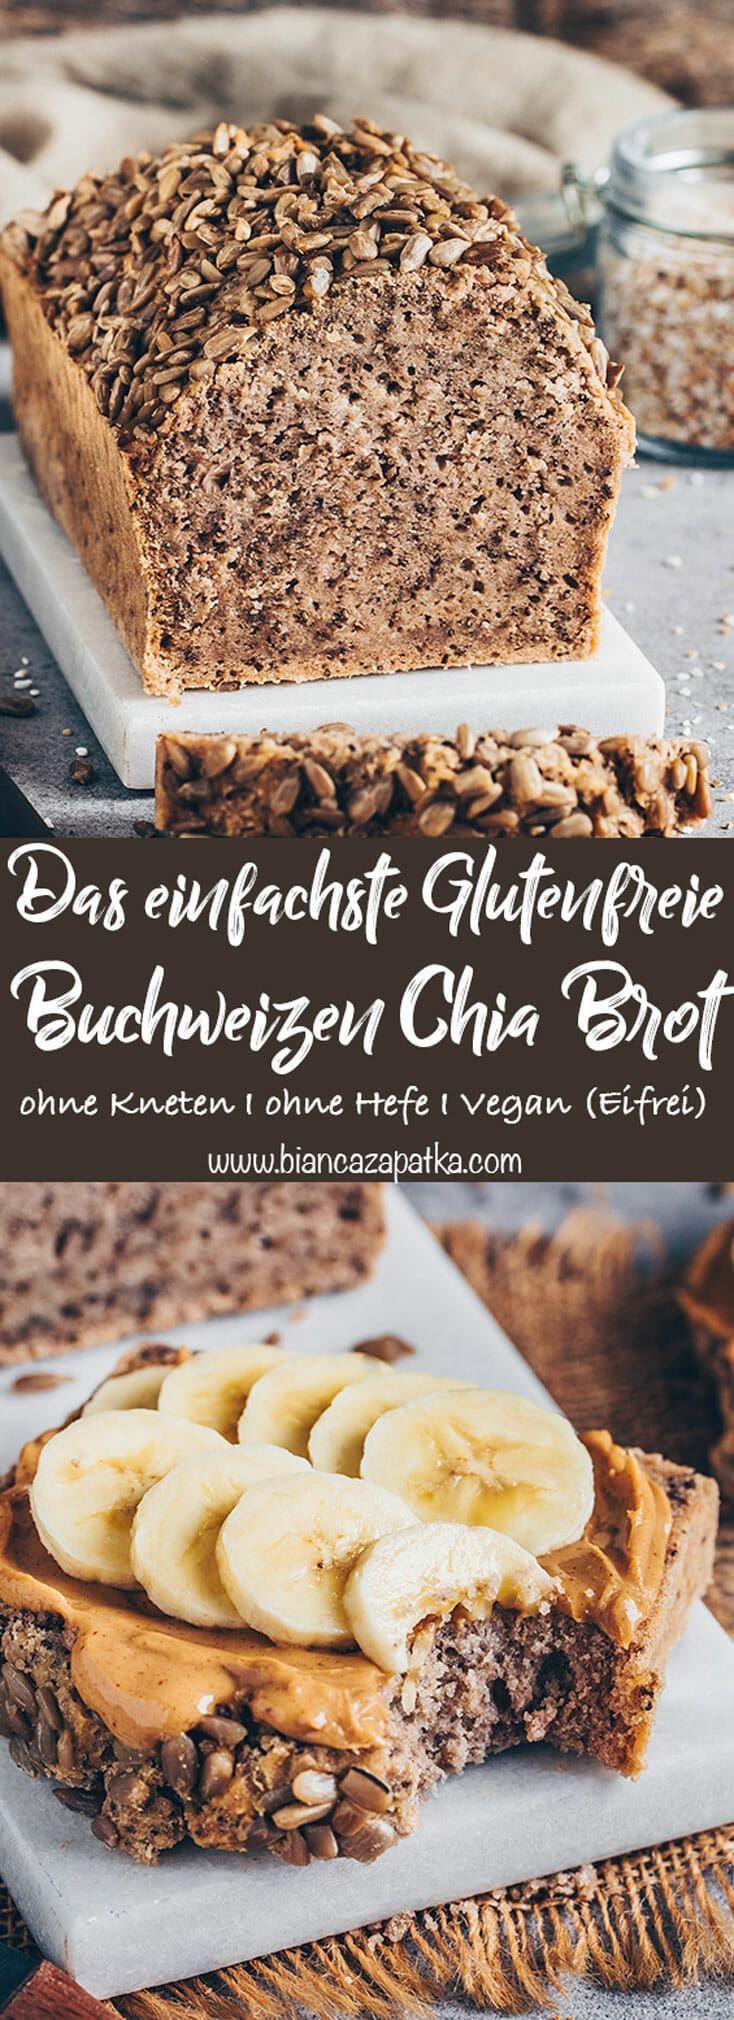 Dieses einfache Buchweizen-Chia-Brot Rezept ist von Natur aus glutenfrei, vegan, gesund und wird mit nur 3 Zutaten ohne Hefe und ohne Kneten hergestellt! Du benötigst keine außergewöhnlichen Zutaten oder spezielle Küchen-Geräte, denn der Brot-Teig ist schnell und einfach zusammengerührt! #brot #glutenfrei #veganerezepte #buchweizen #rezepte #essen #vegan #chia #chiasamen #einfacherezepte #backen #vegetarisch #veganbacken #eifrei #gesunderezepte | biancazapatka.com